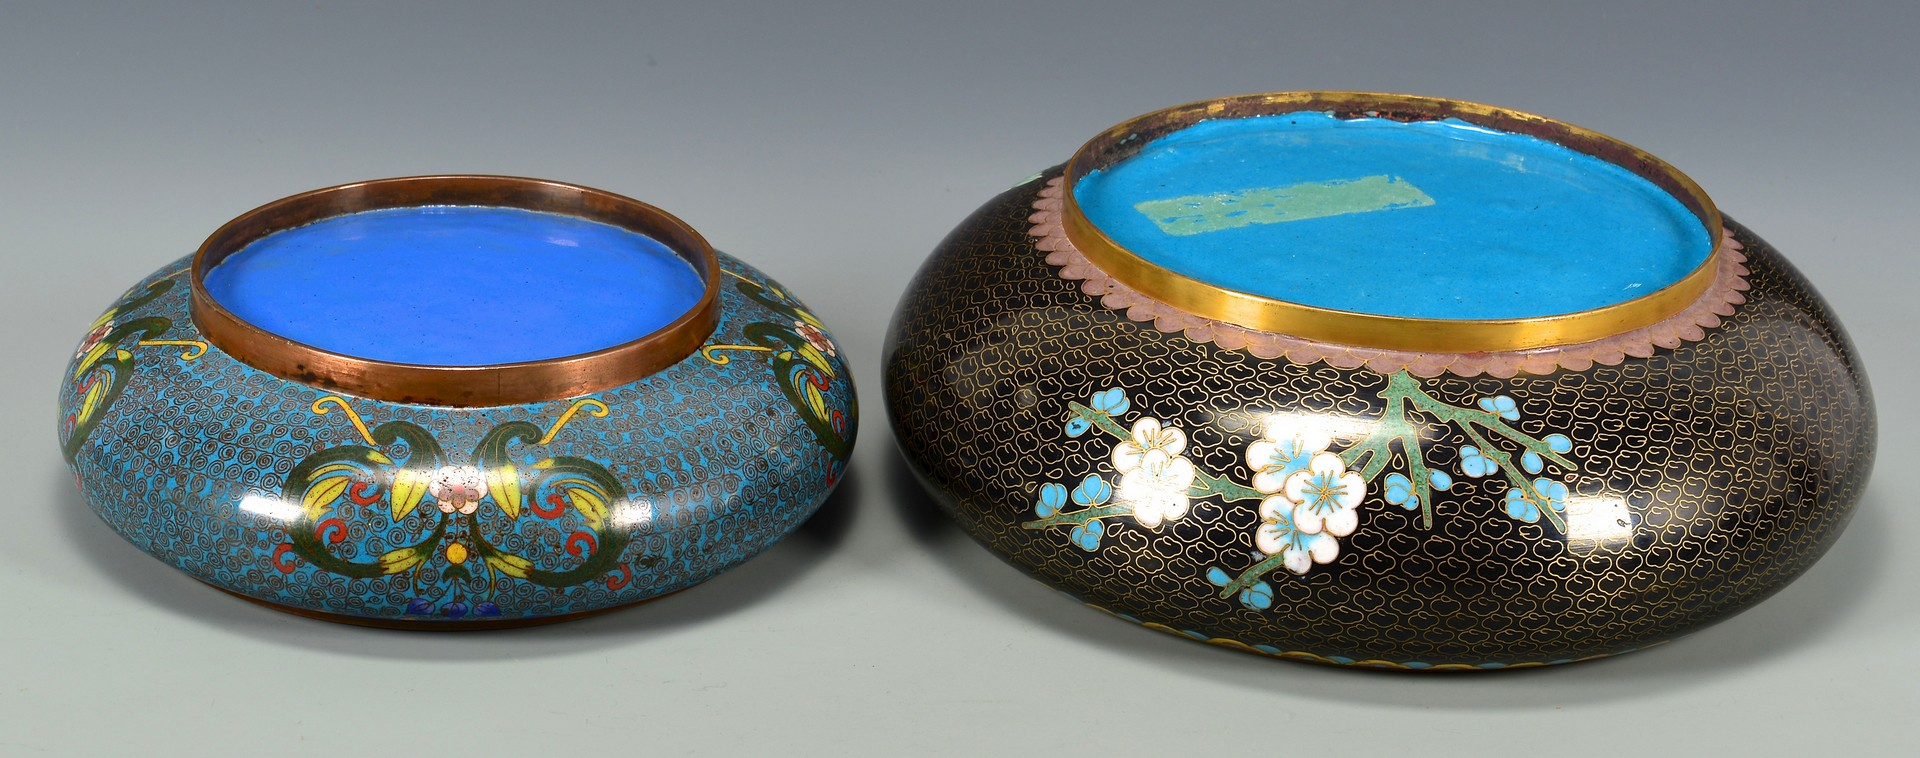 Lot 385: 6 pcs Cloisonne inc. 2 bulb bowls